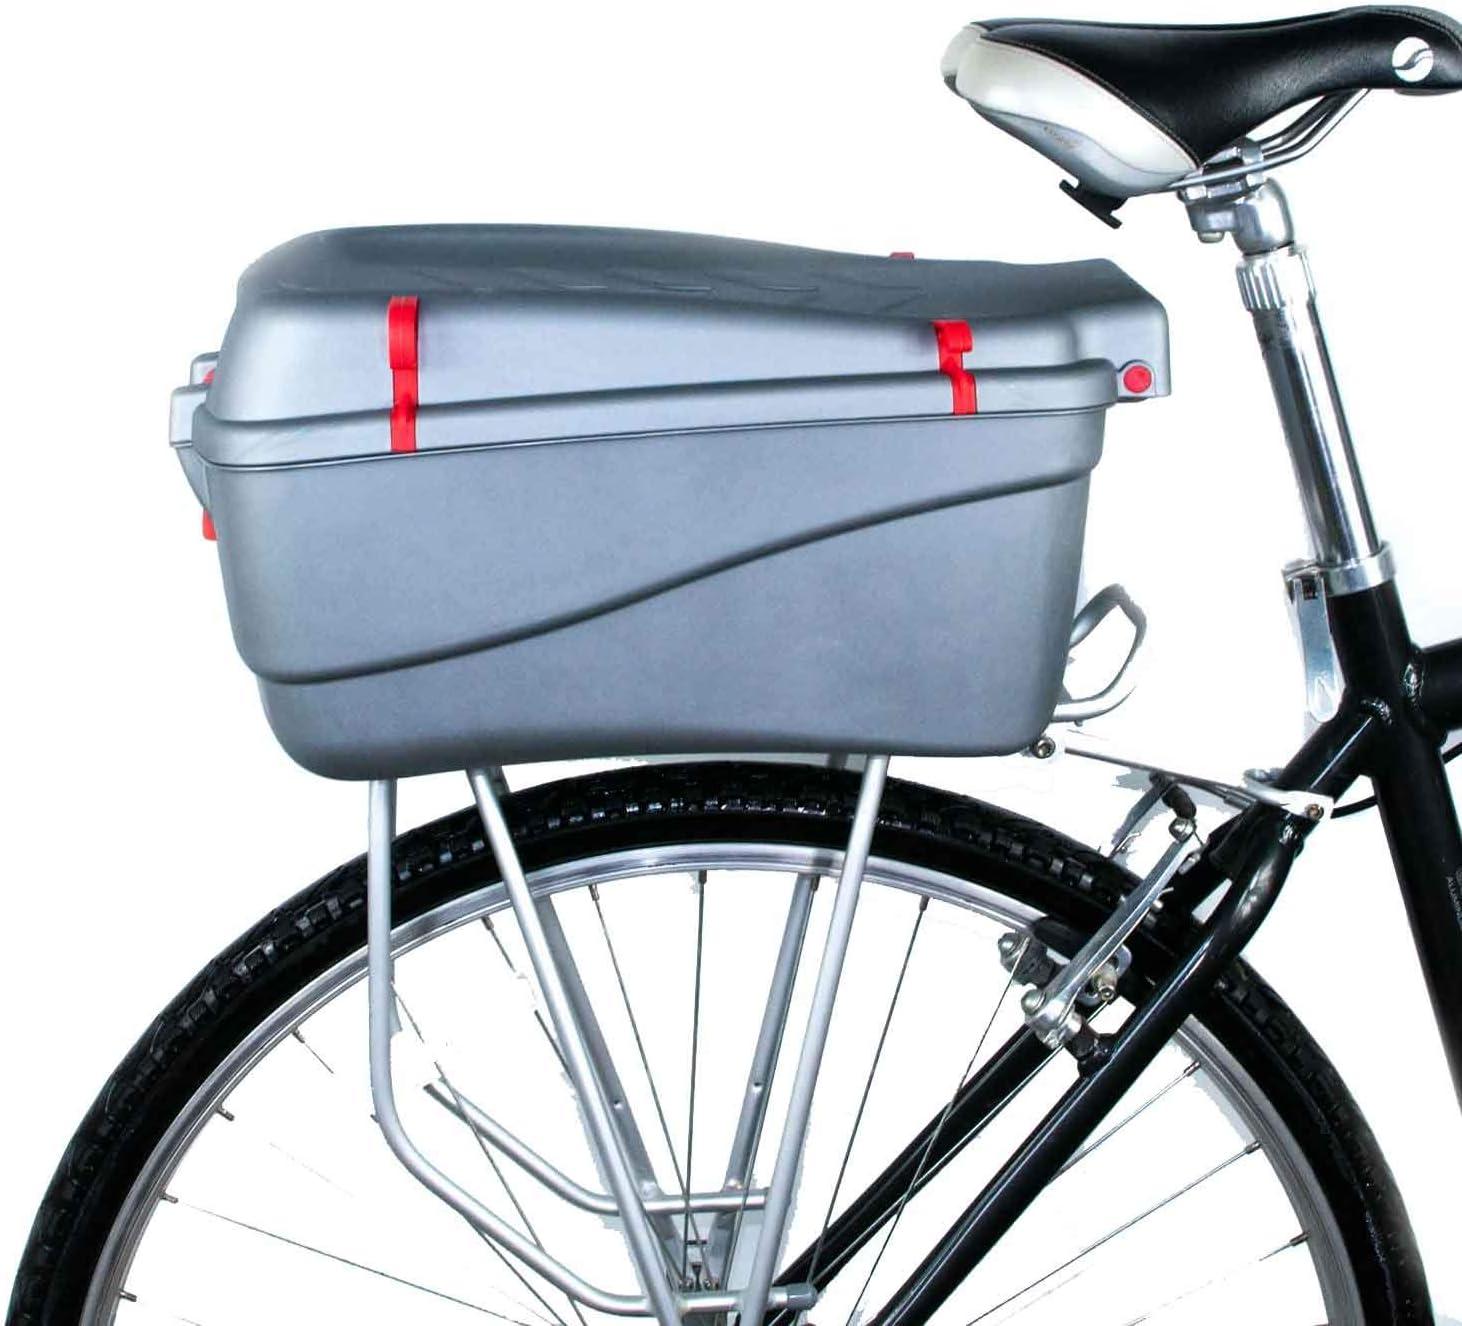 EMK Top Case Caja para Bicicleta – Grande: Amazon.es: Deportes y ...